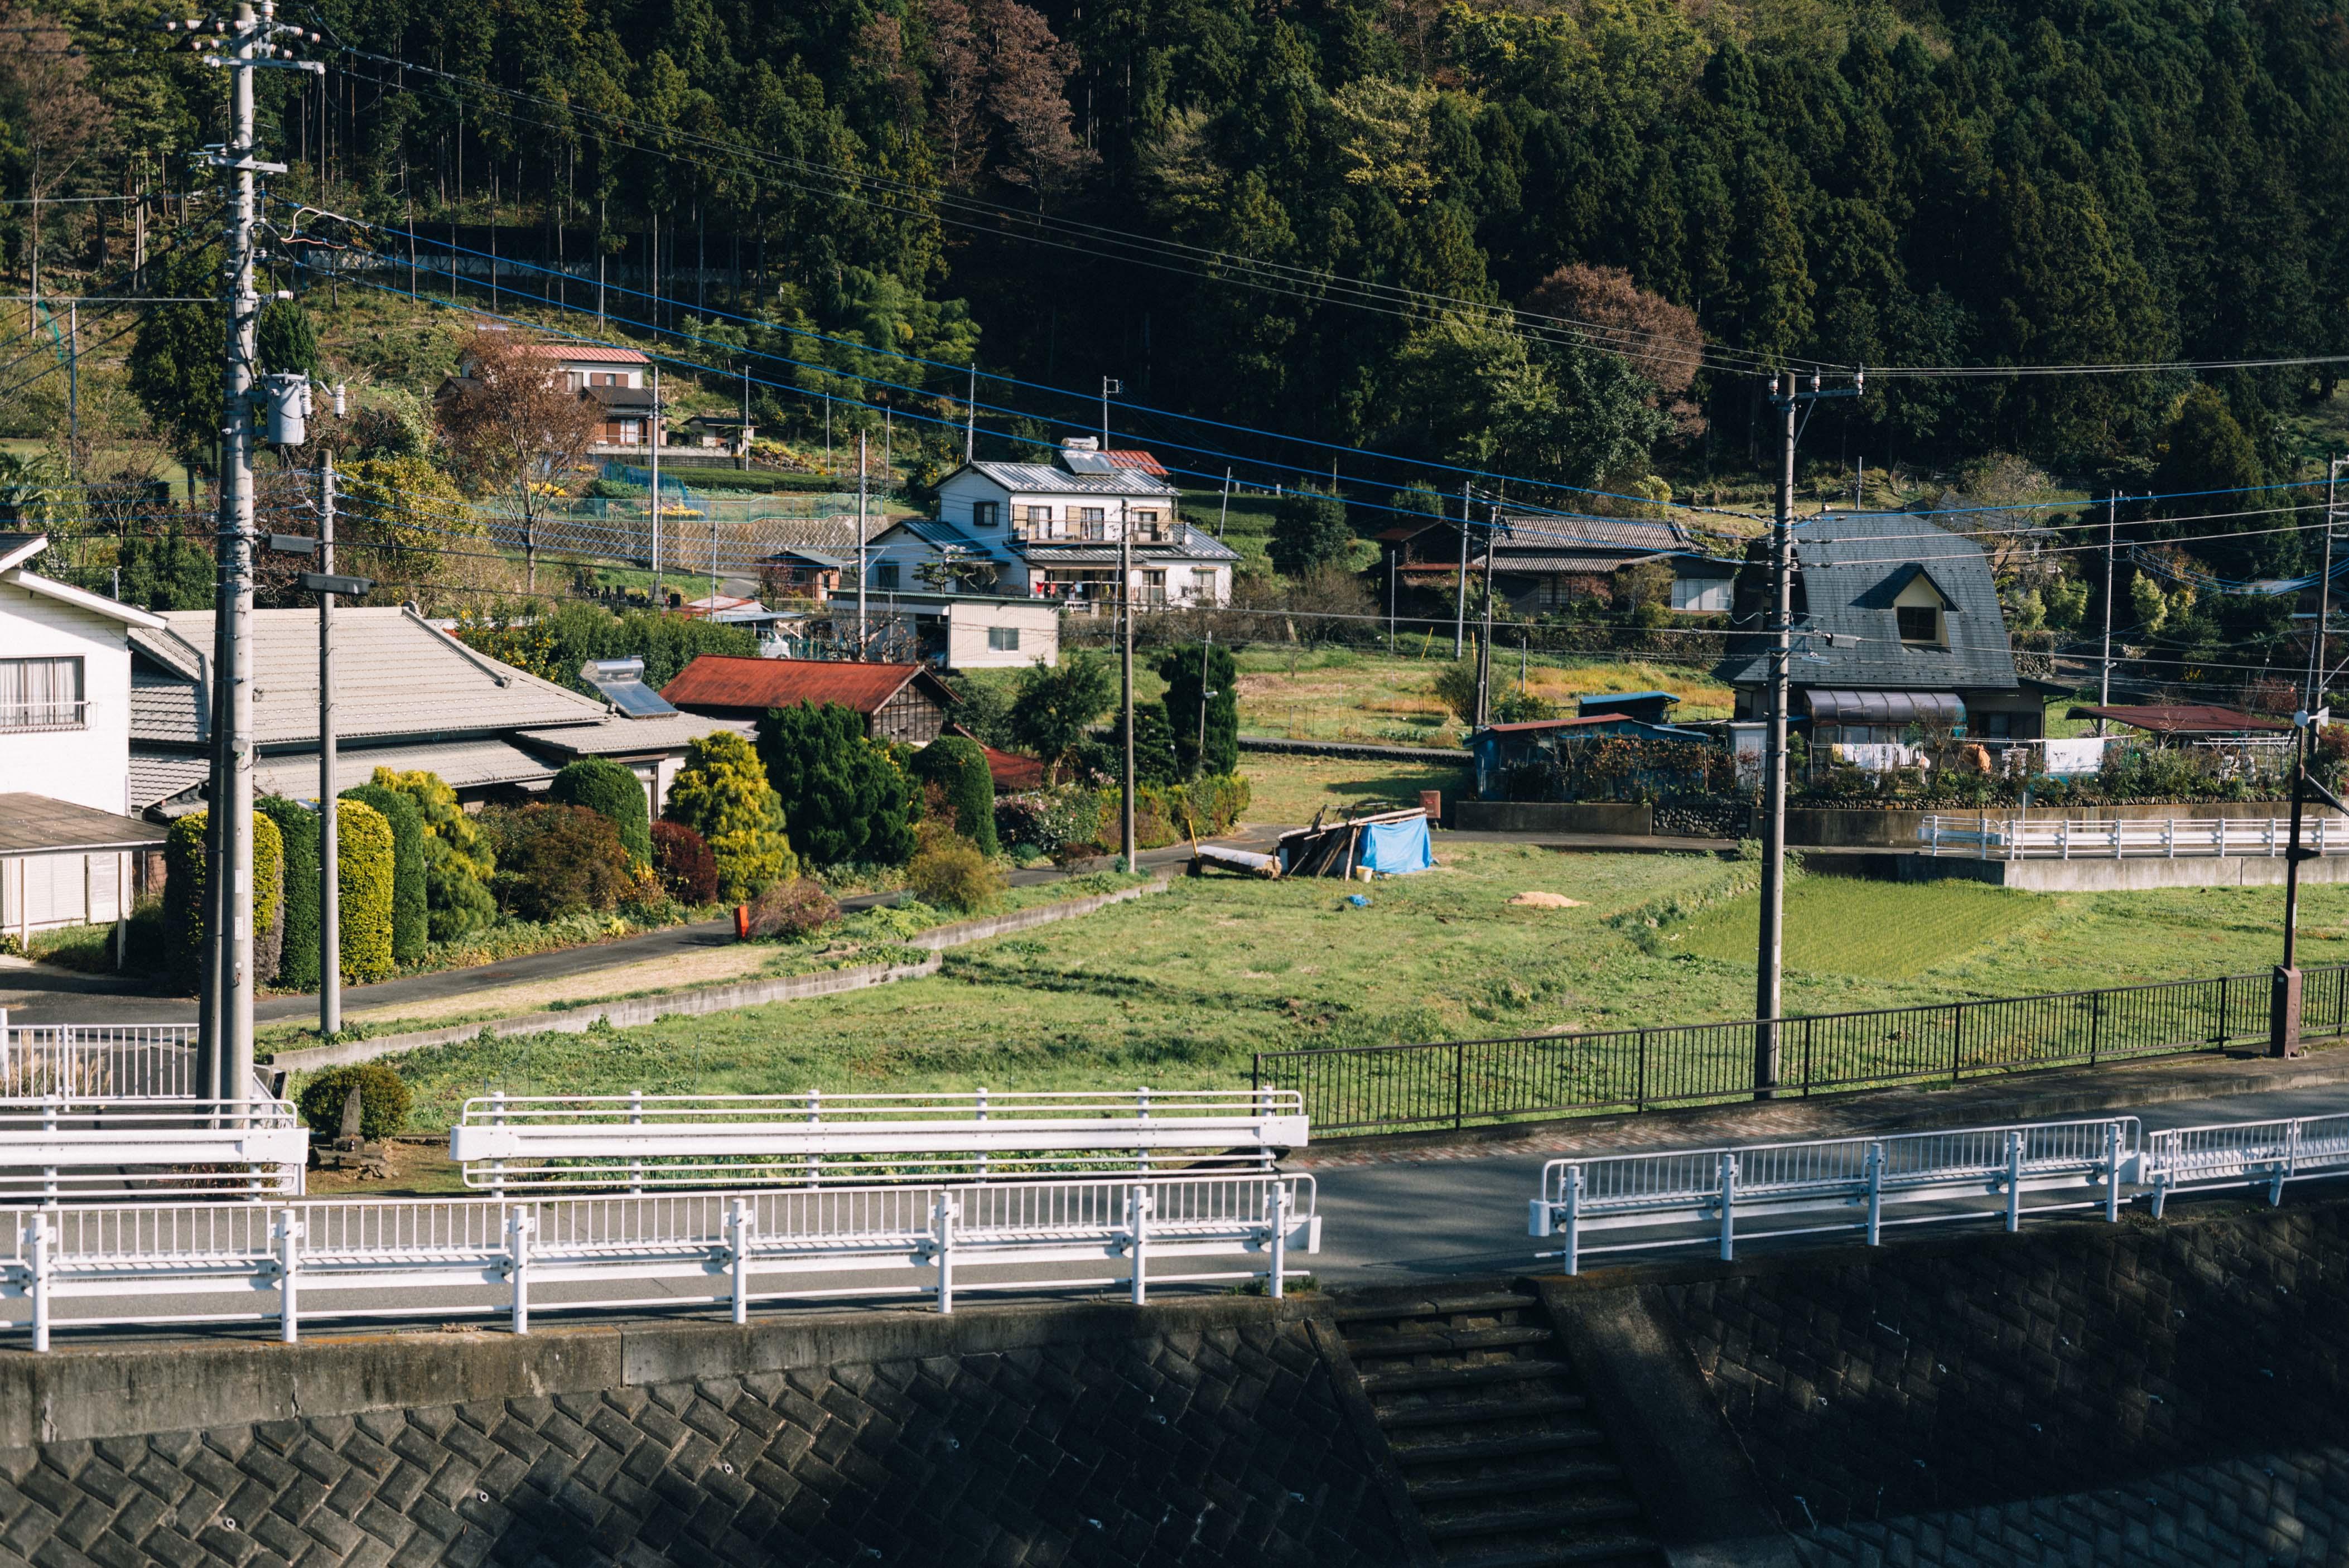 神奈川県中部。憩いの場、生活の場。【日本一周244日目11.24】